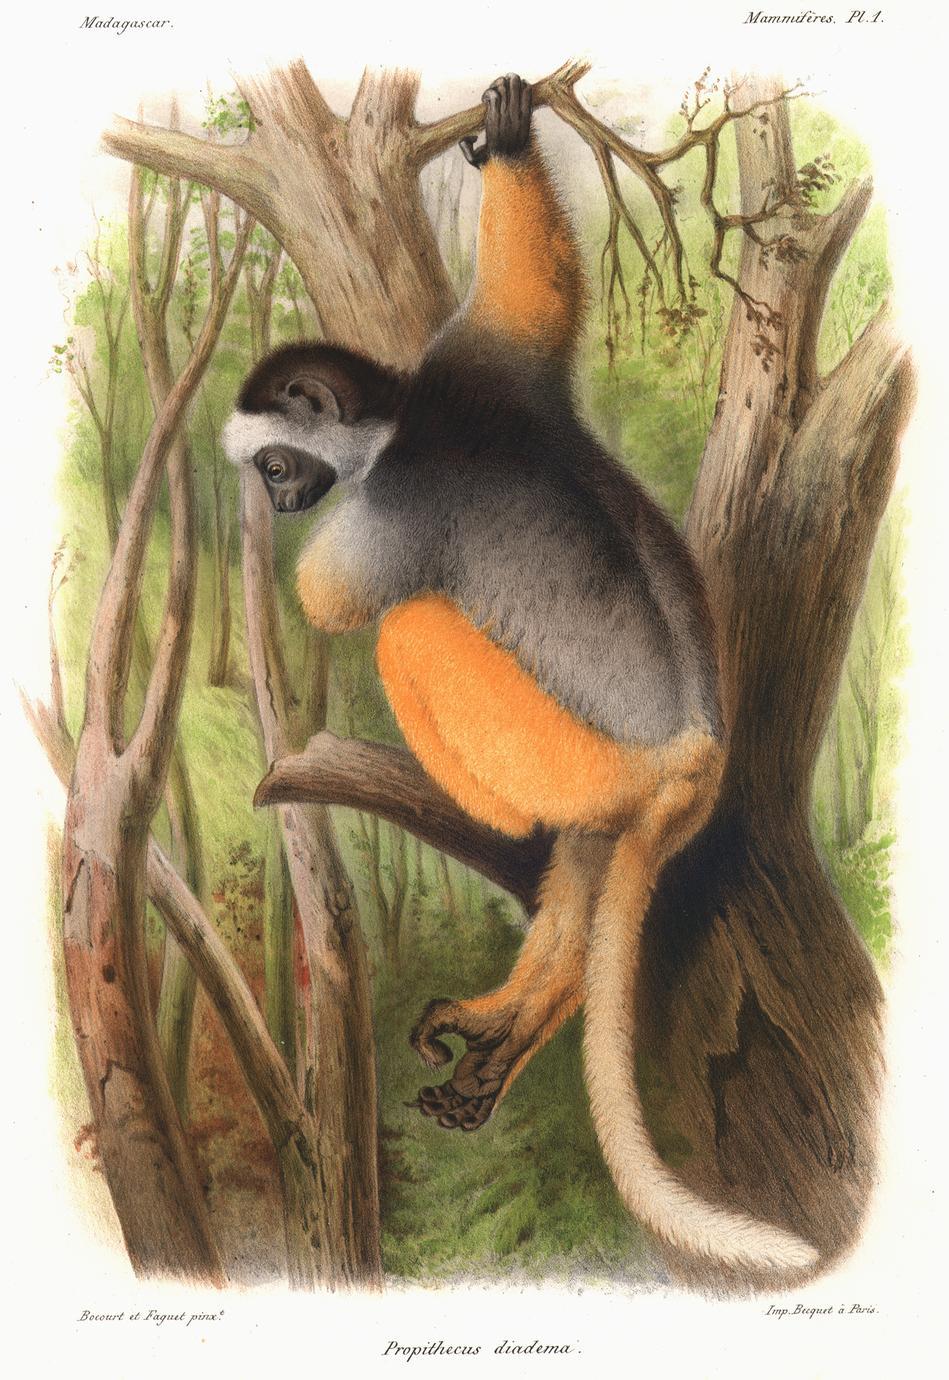 Propithecus diadema